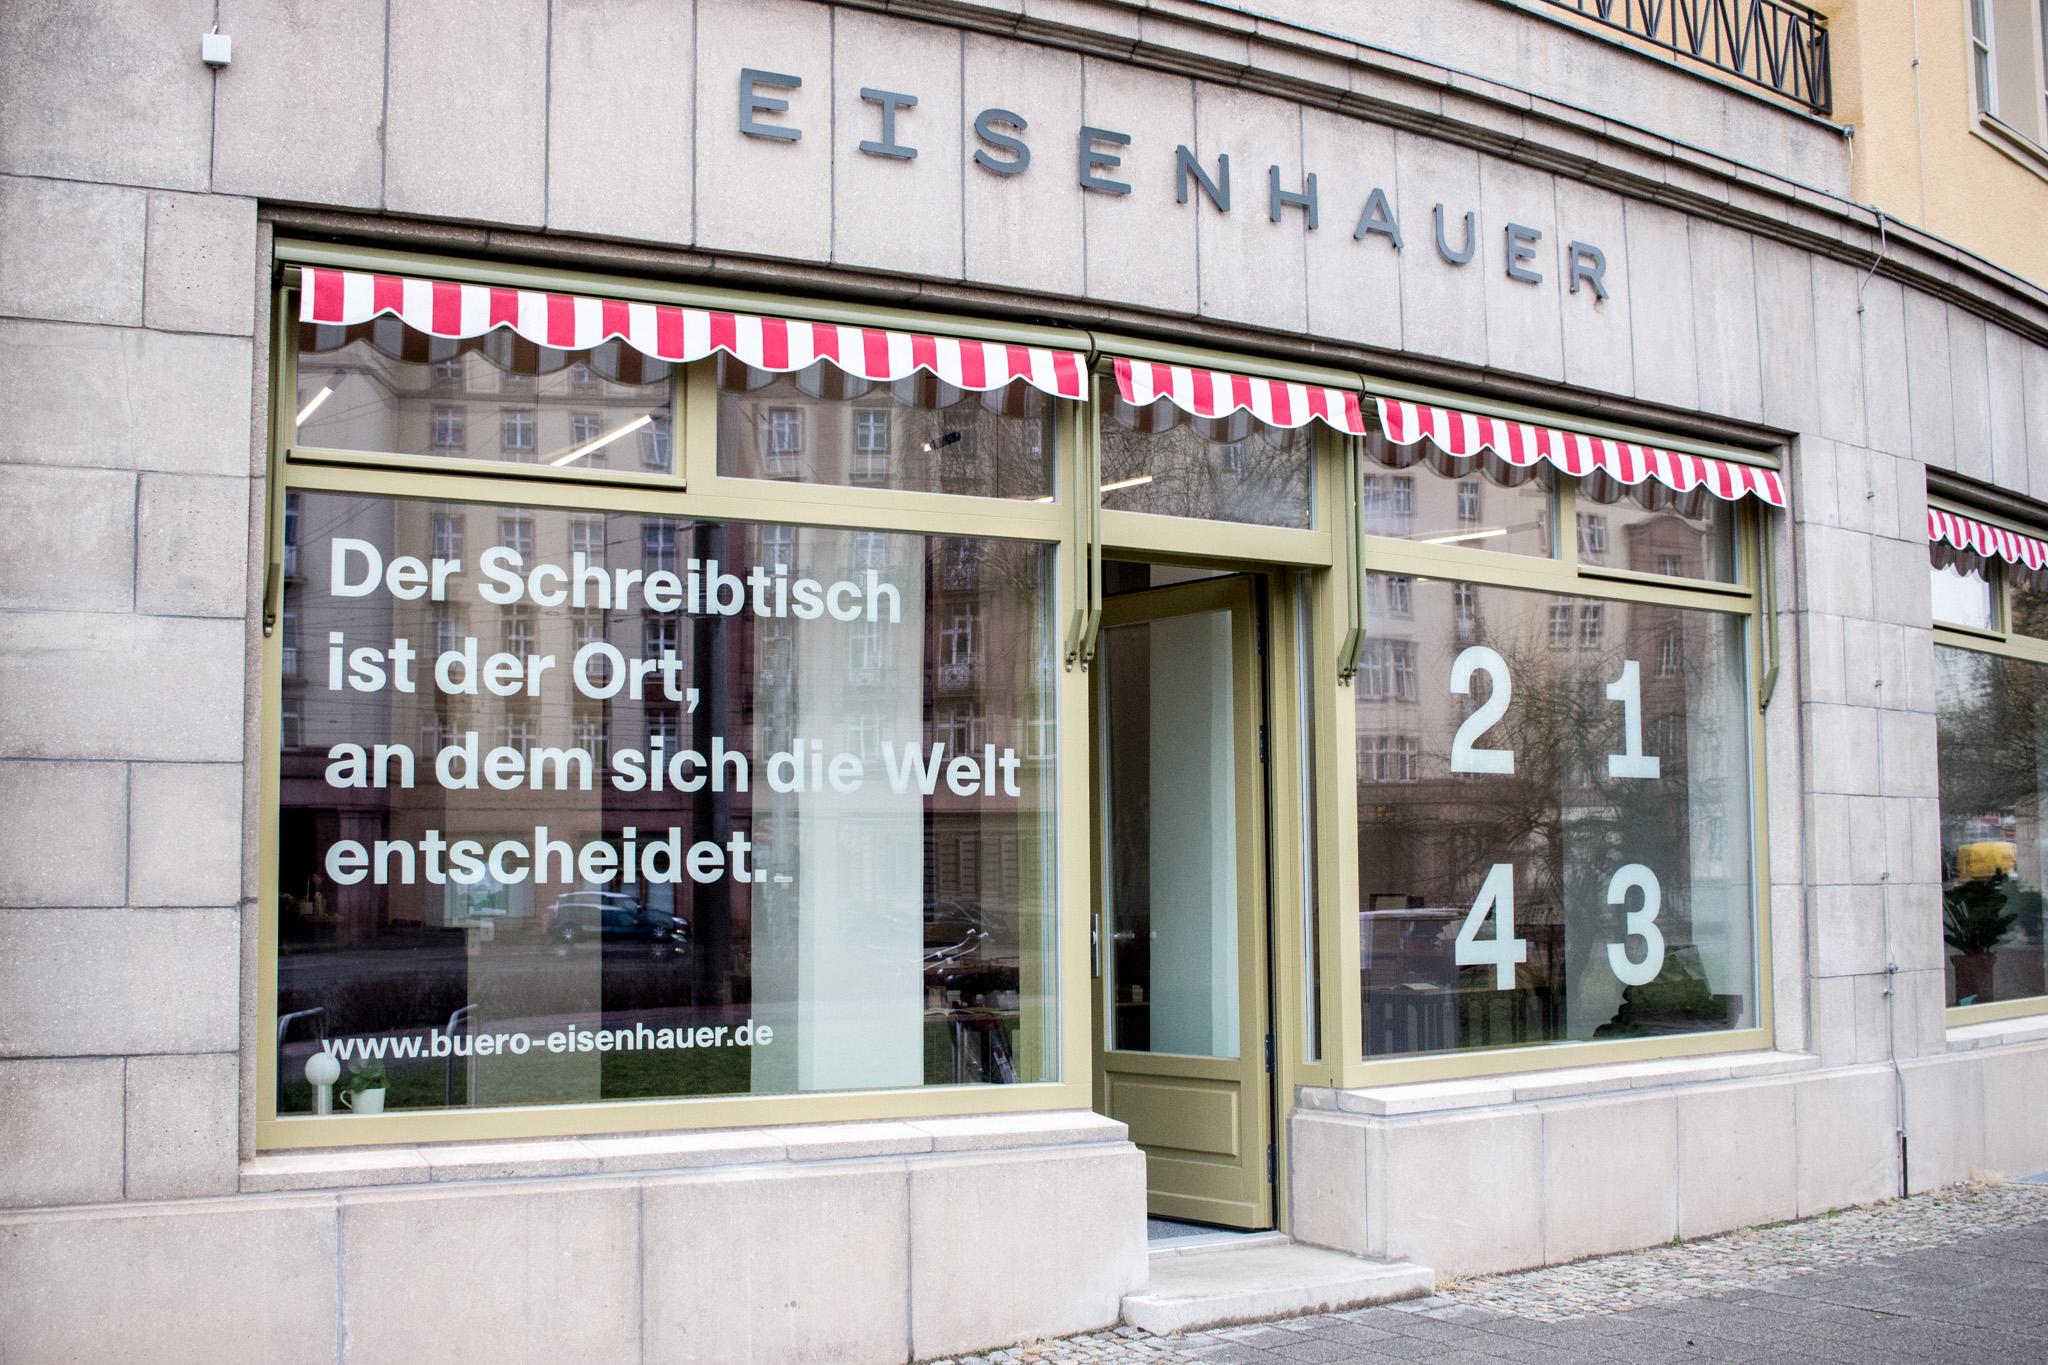 eisenhauer-1942